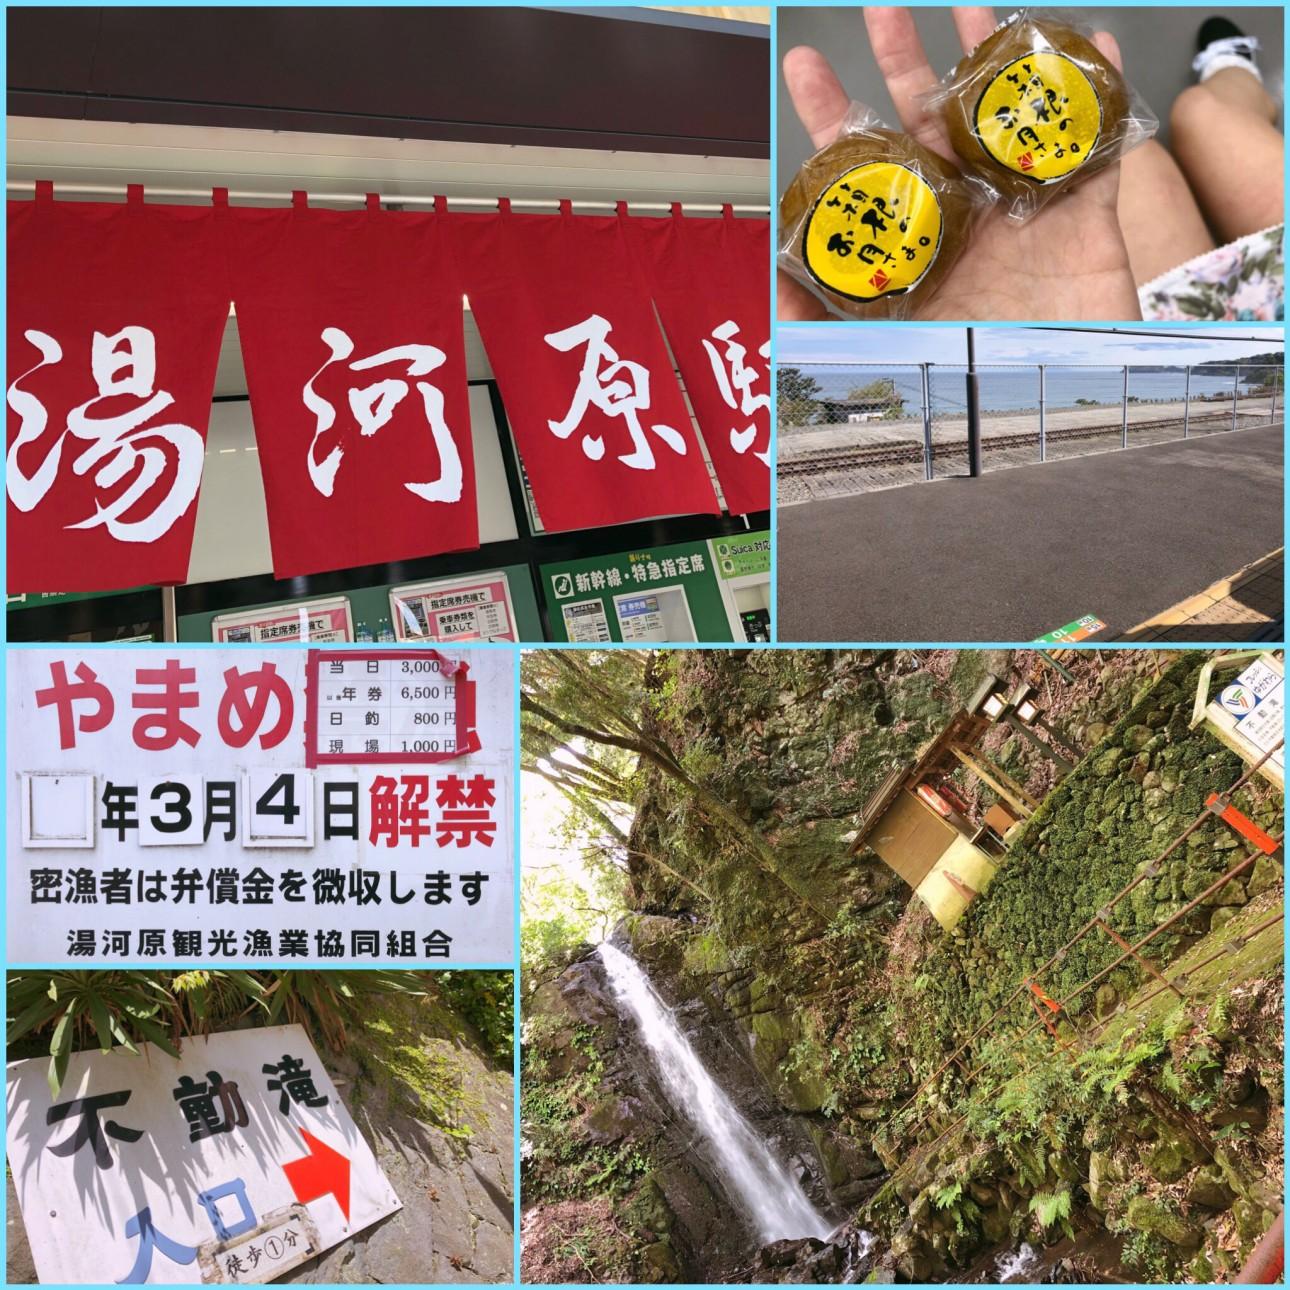 moblog_298e1106.jpg